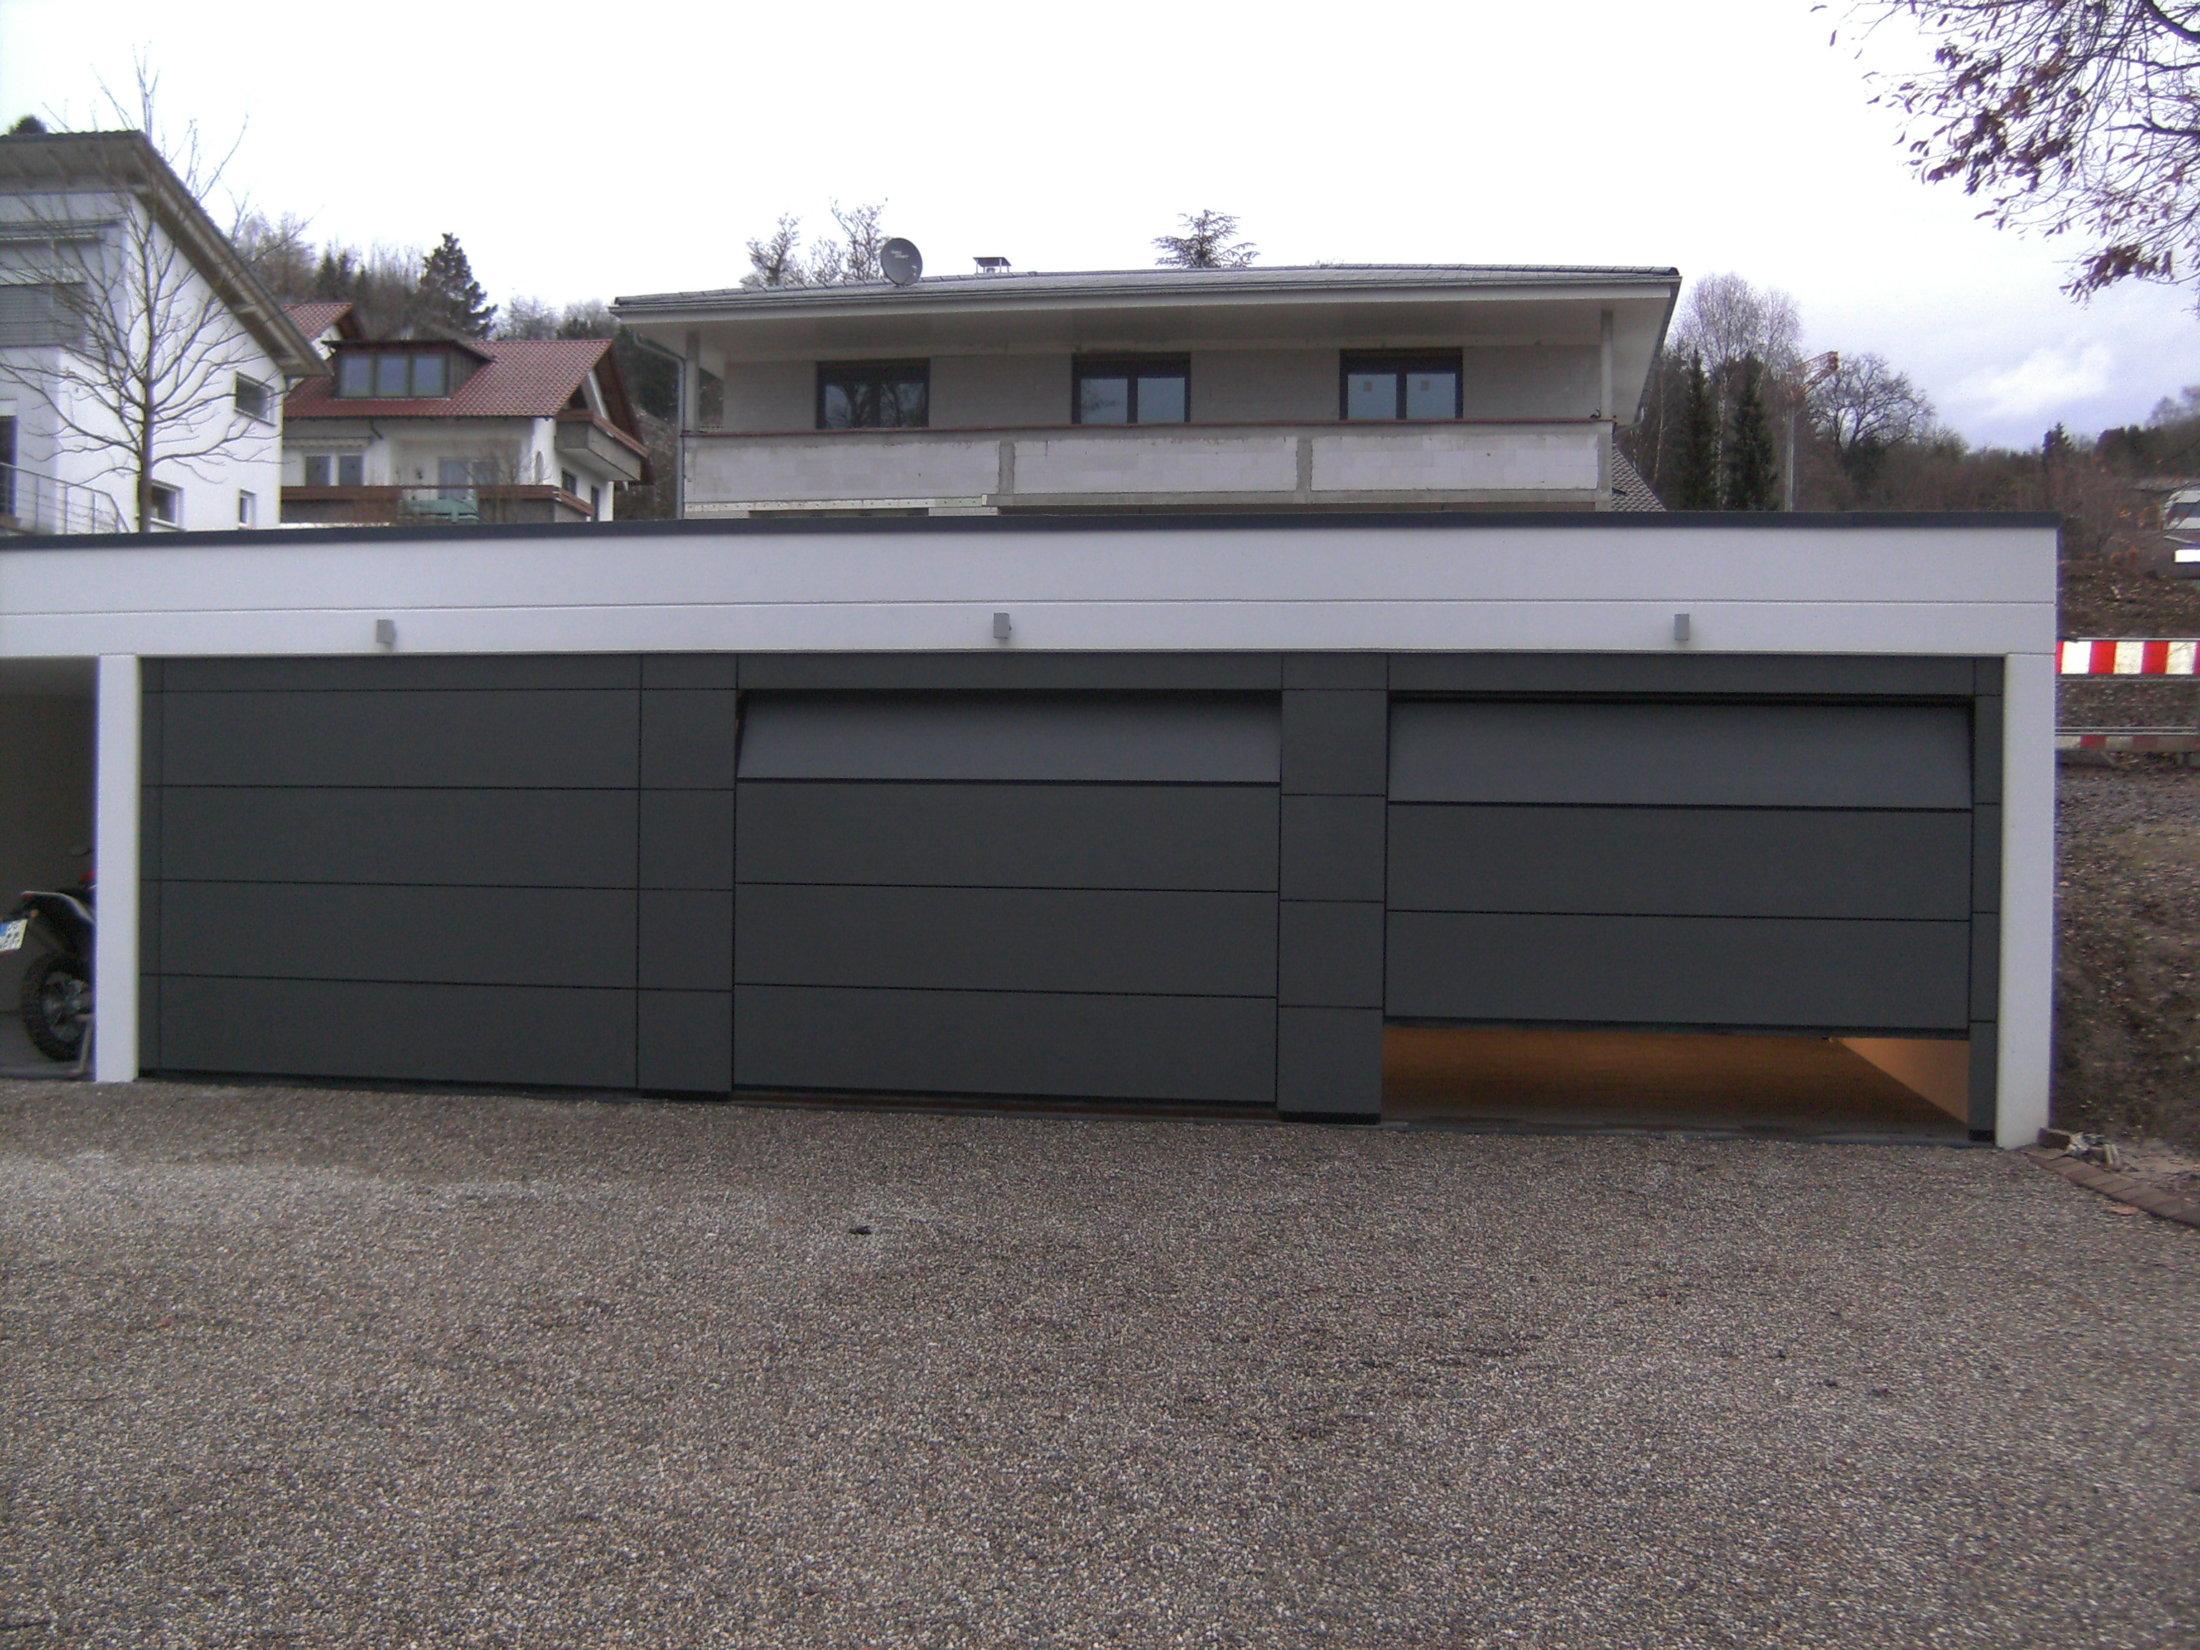 3 Flächenbündige Sektionaltore mit gepulverten Aluminiumplatten - öffnend